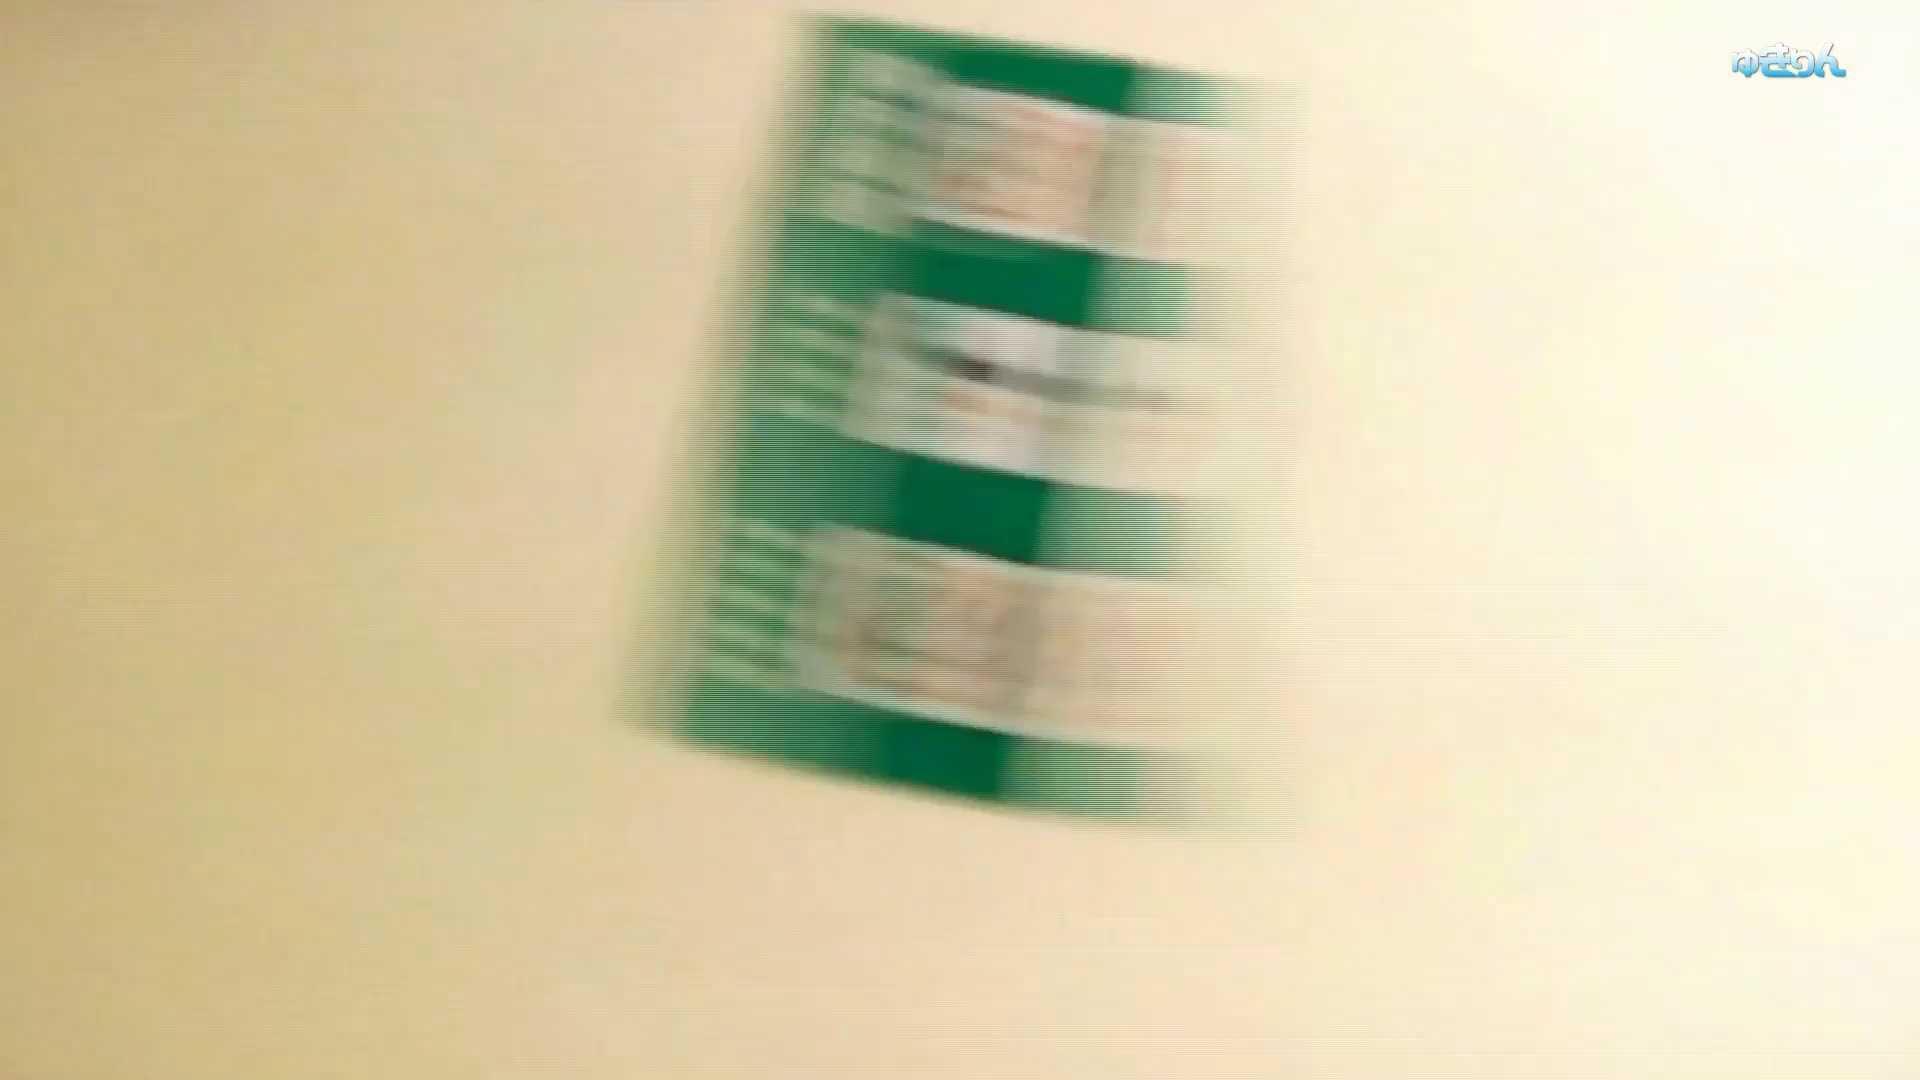 新世界の射窓 No84 広末涼子似の子をキャッチ!!ヒョウ柄の・・・・注目 洗面所 エロ画像 59画像 5